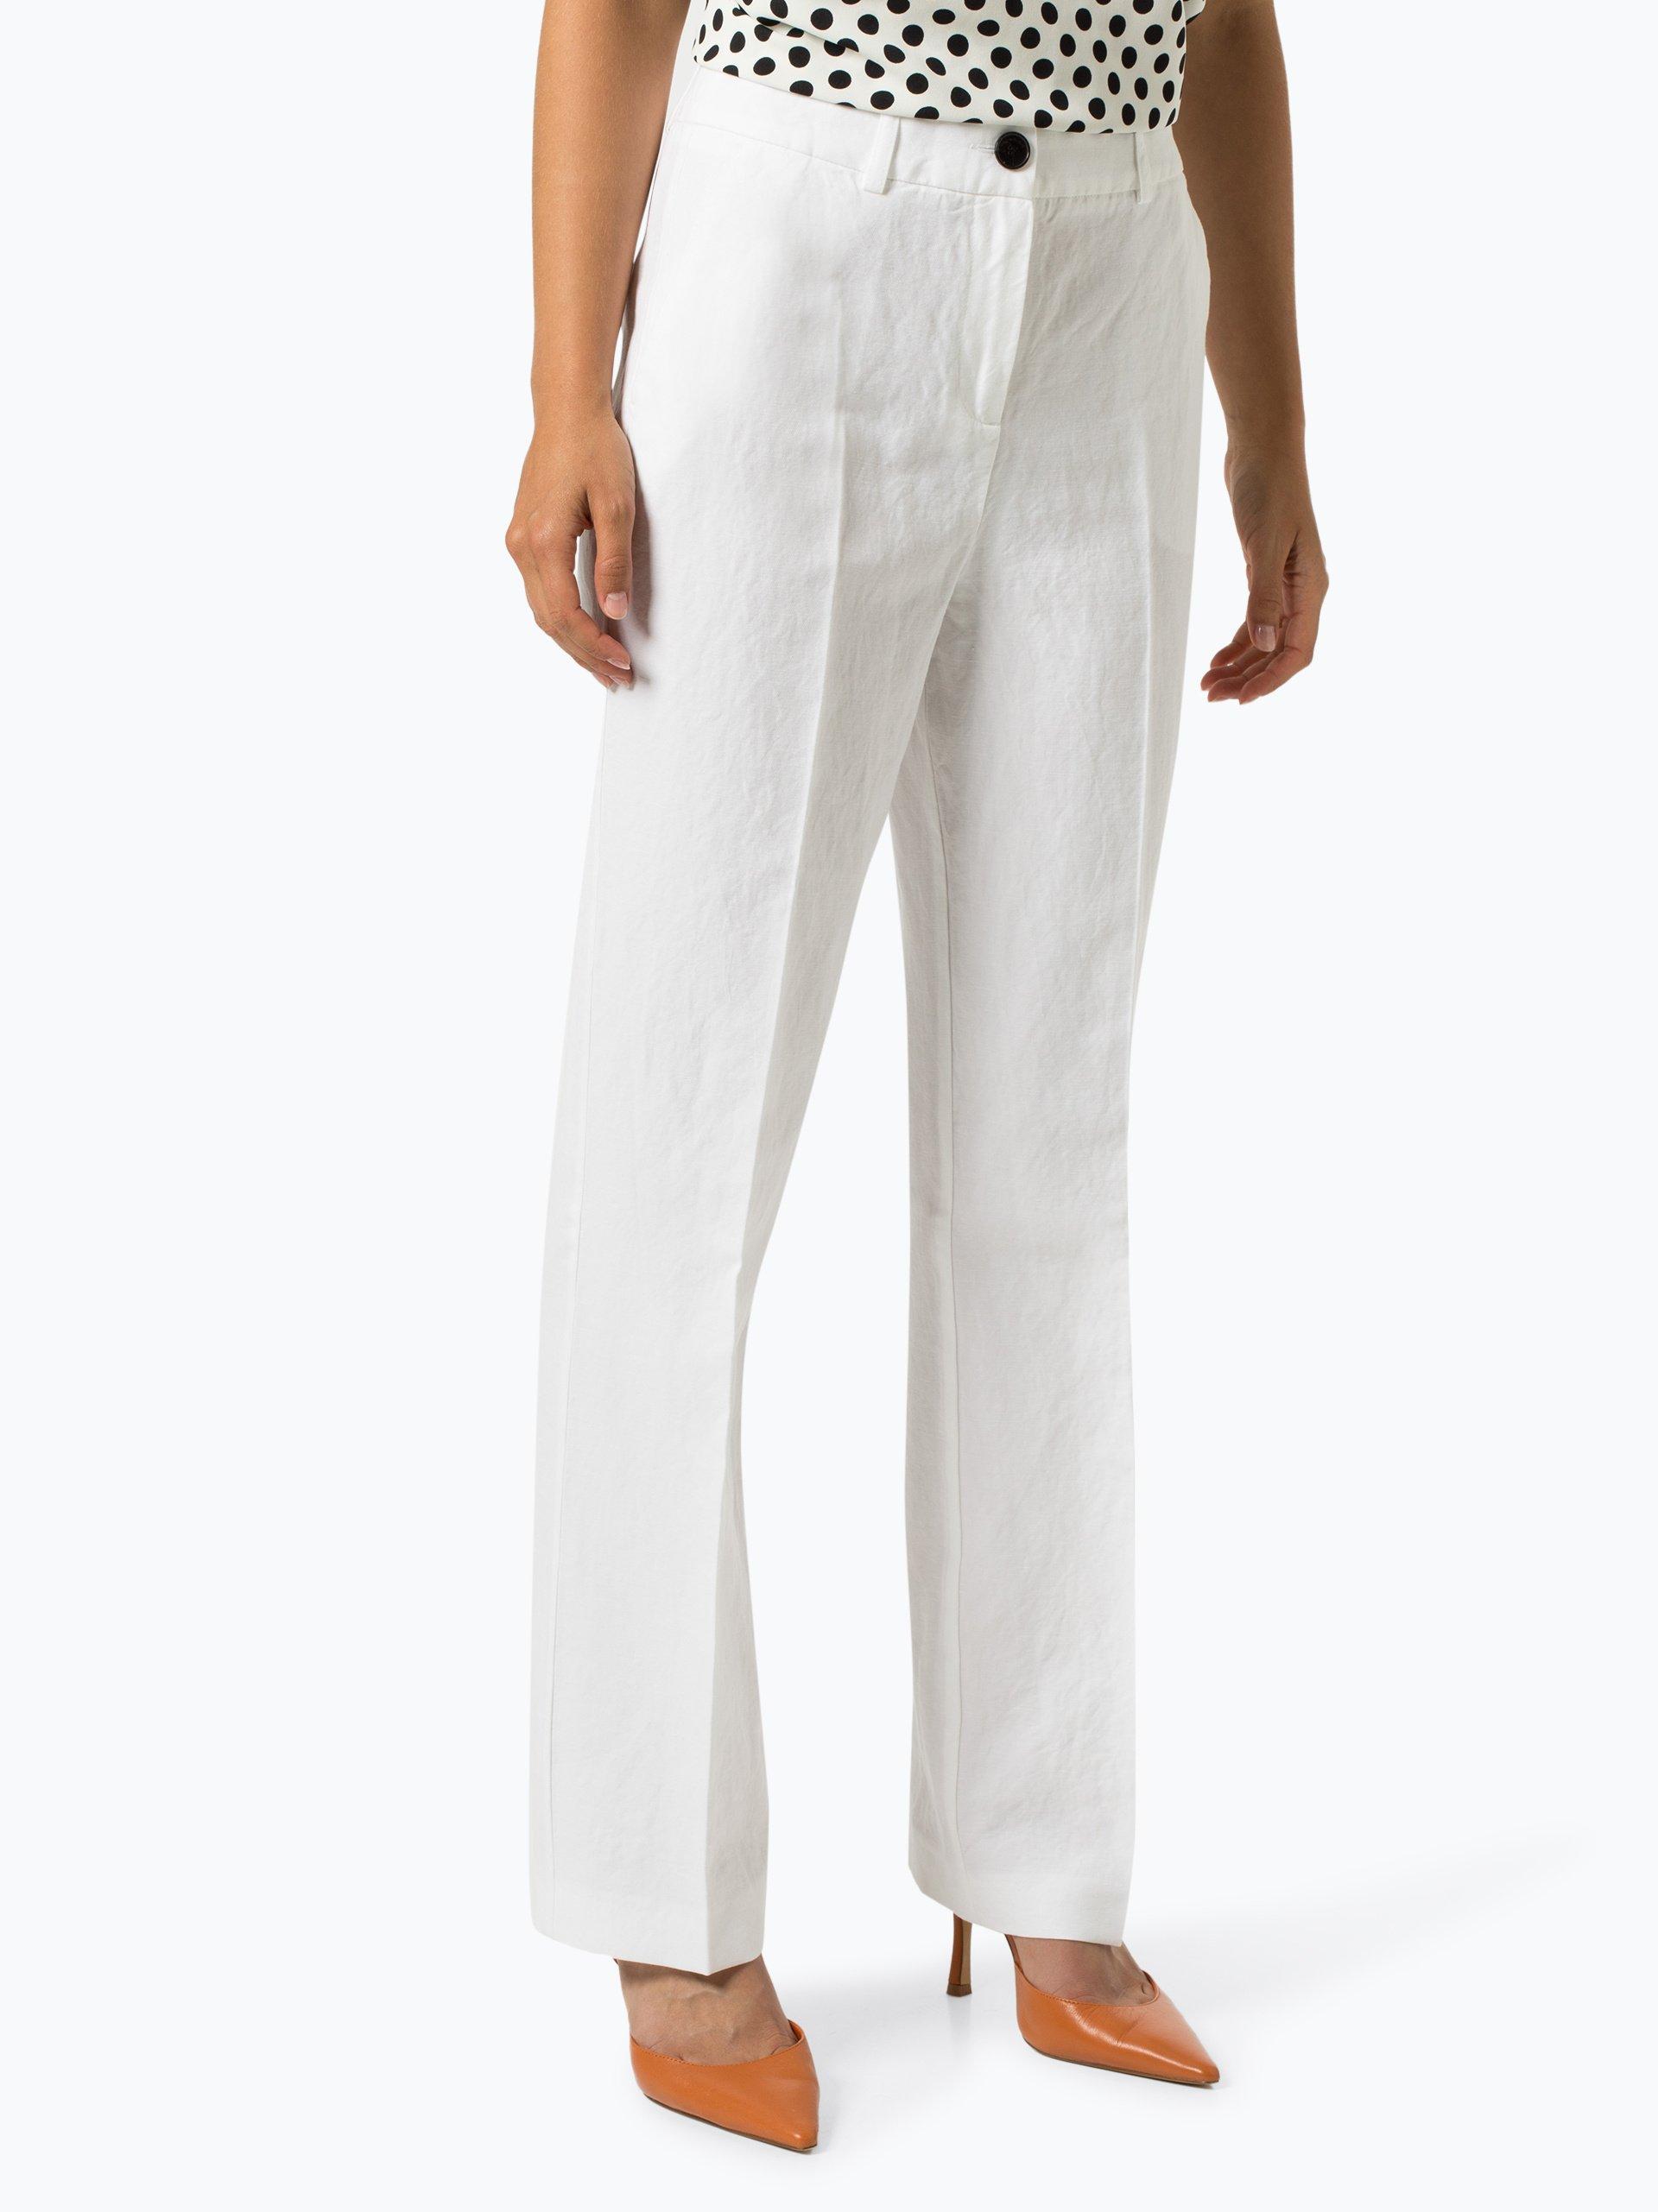 Apriori Spodnie damskie z dodatkiem lnu – Coordinates